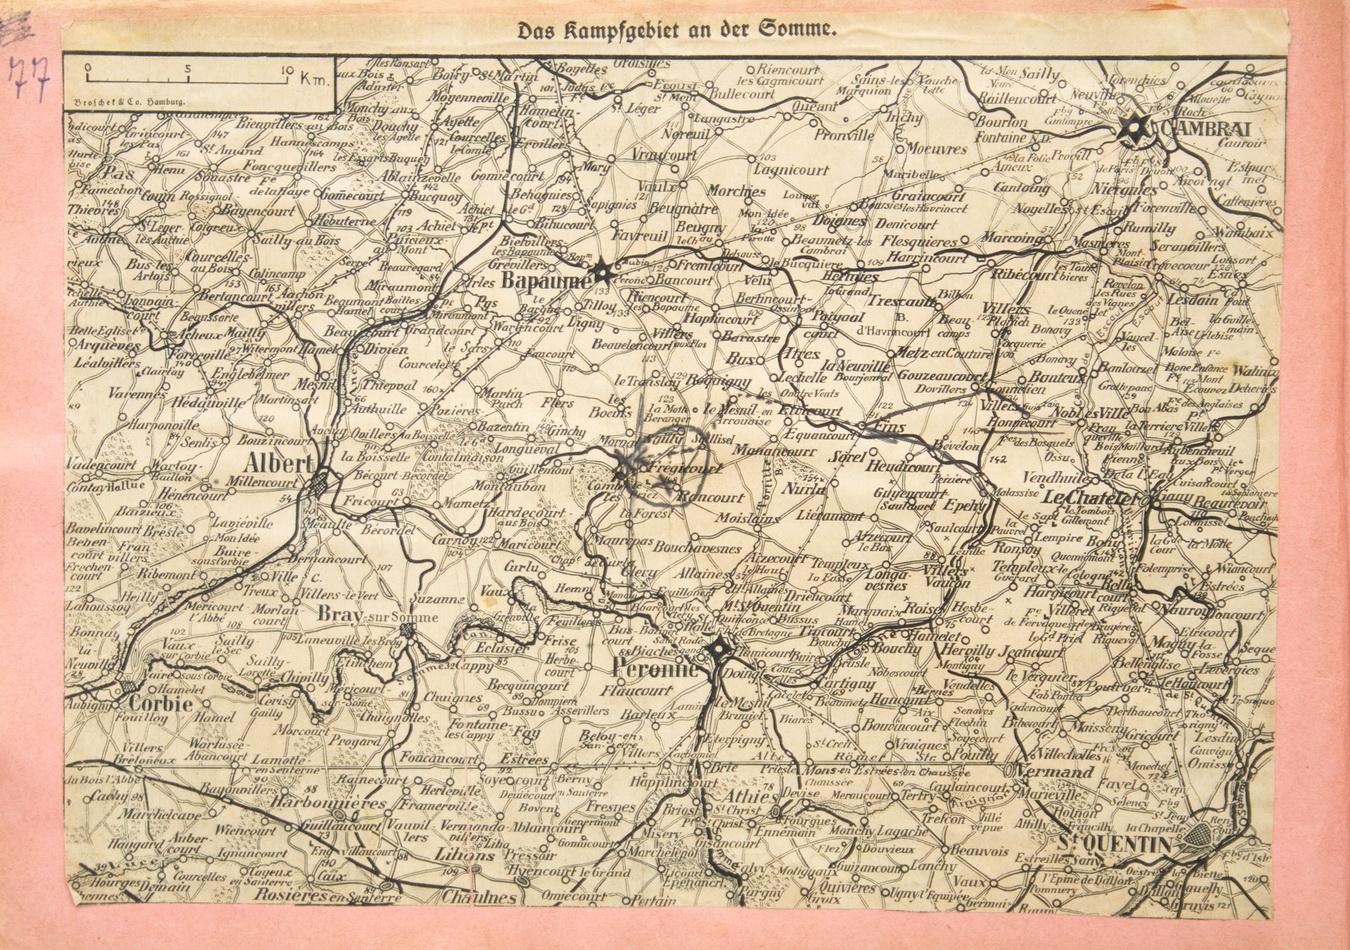 Kort over slagmarken ved Somme fra Christian Campradts scrapbog med indtegning af det område, han var indsat i september 1916 (Historisk Arkiv for Haderslev Kommune)